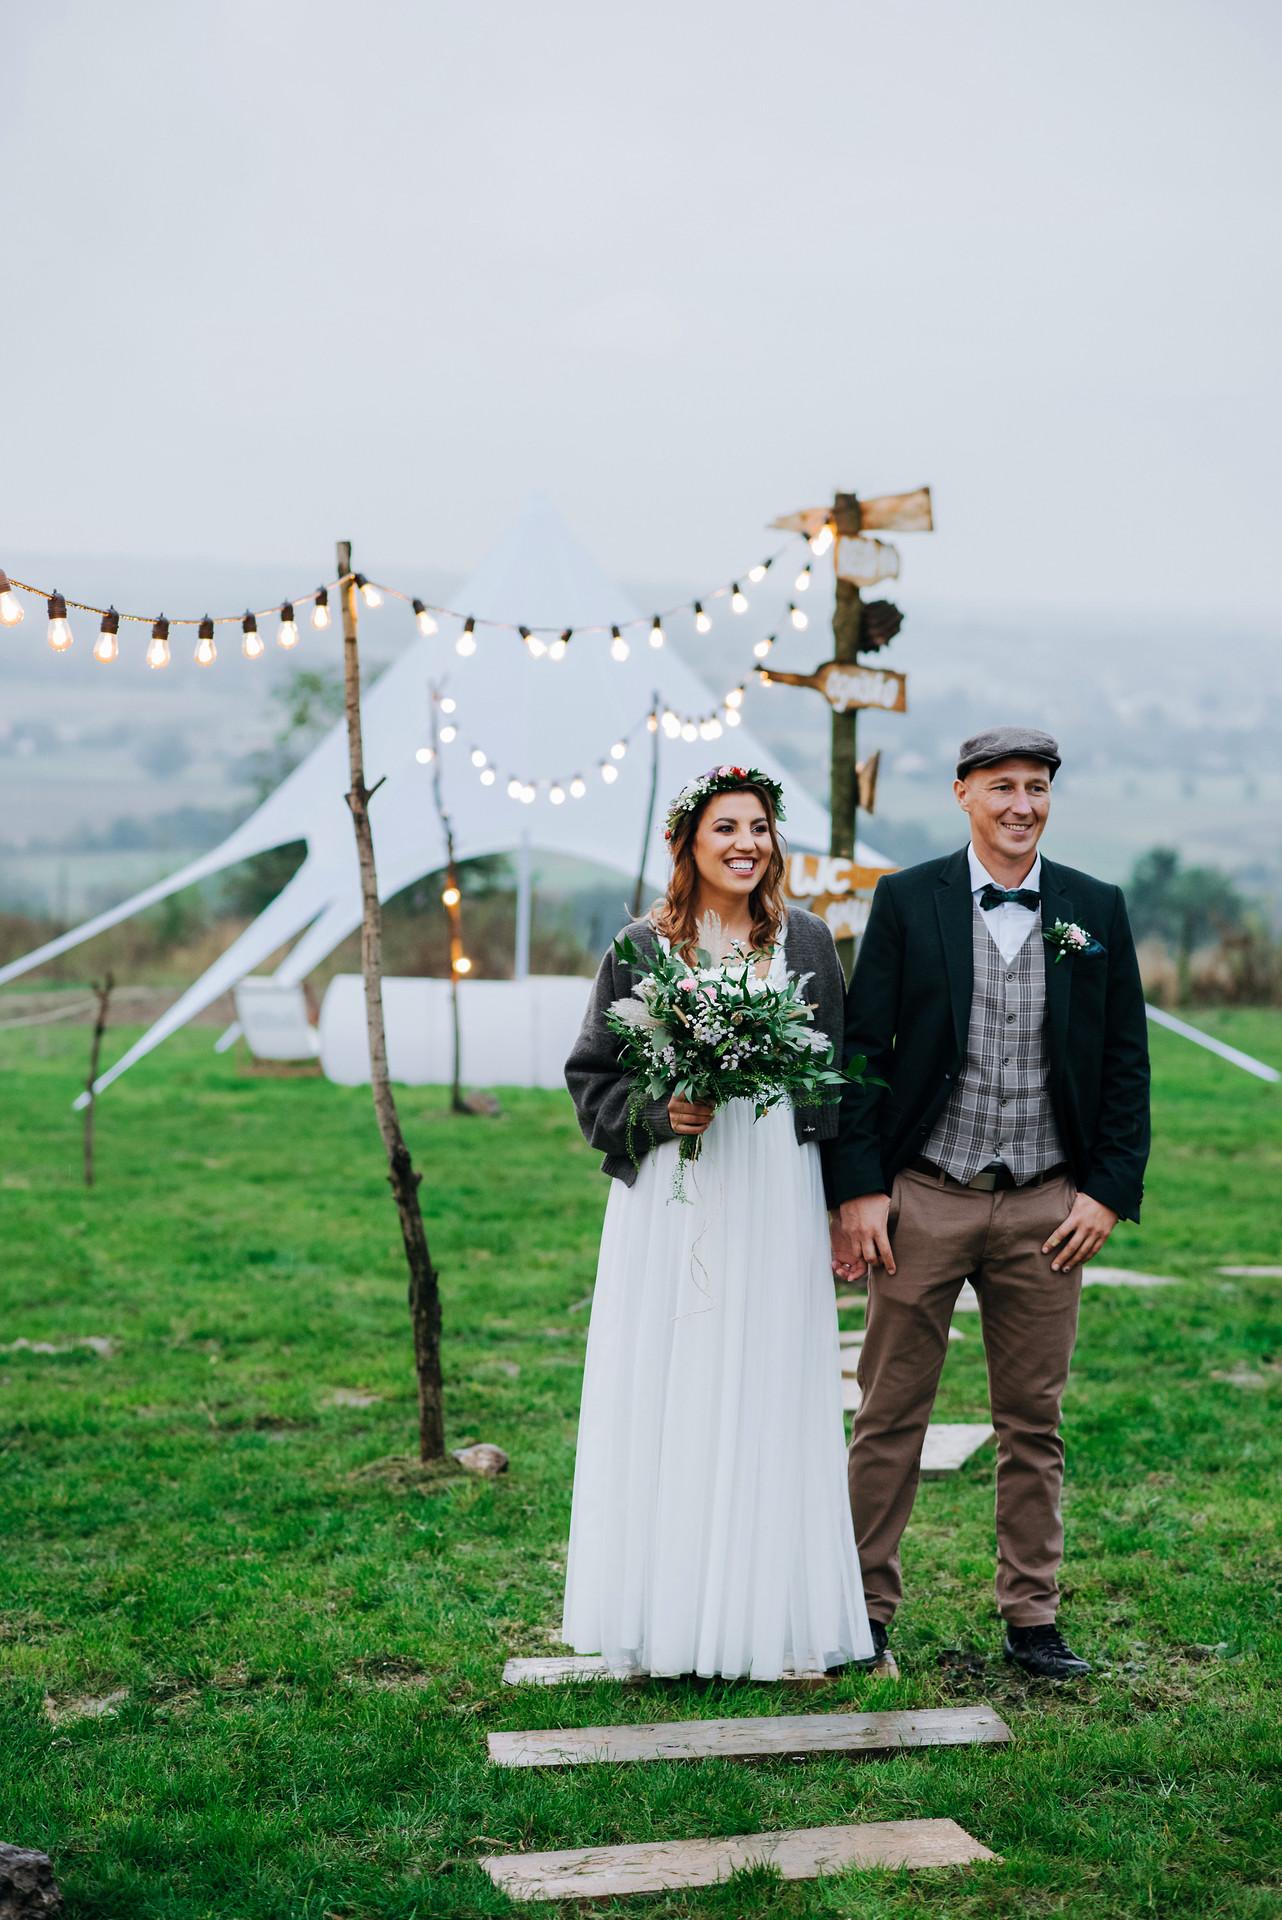 para młoda, ślub w plenerze